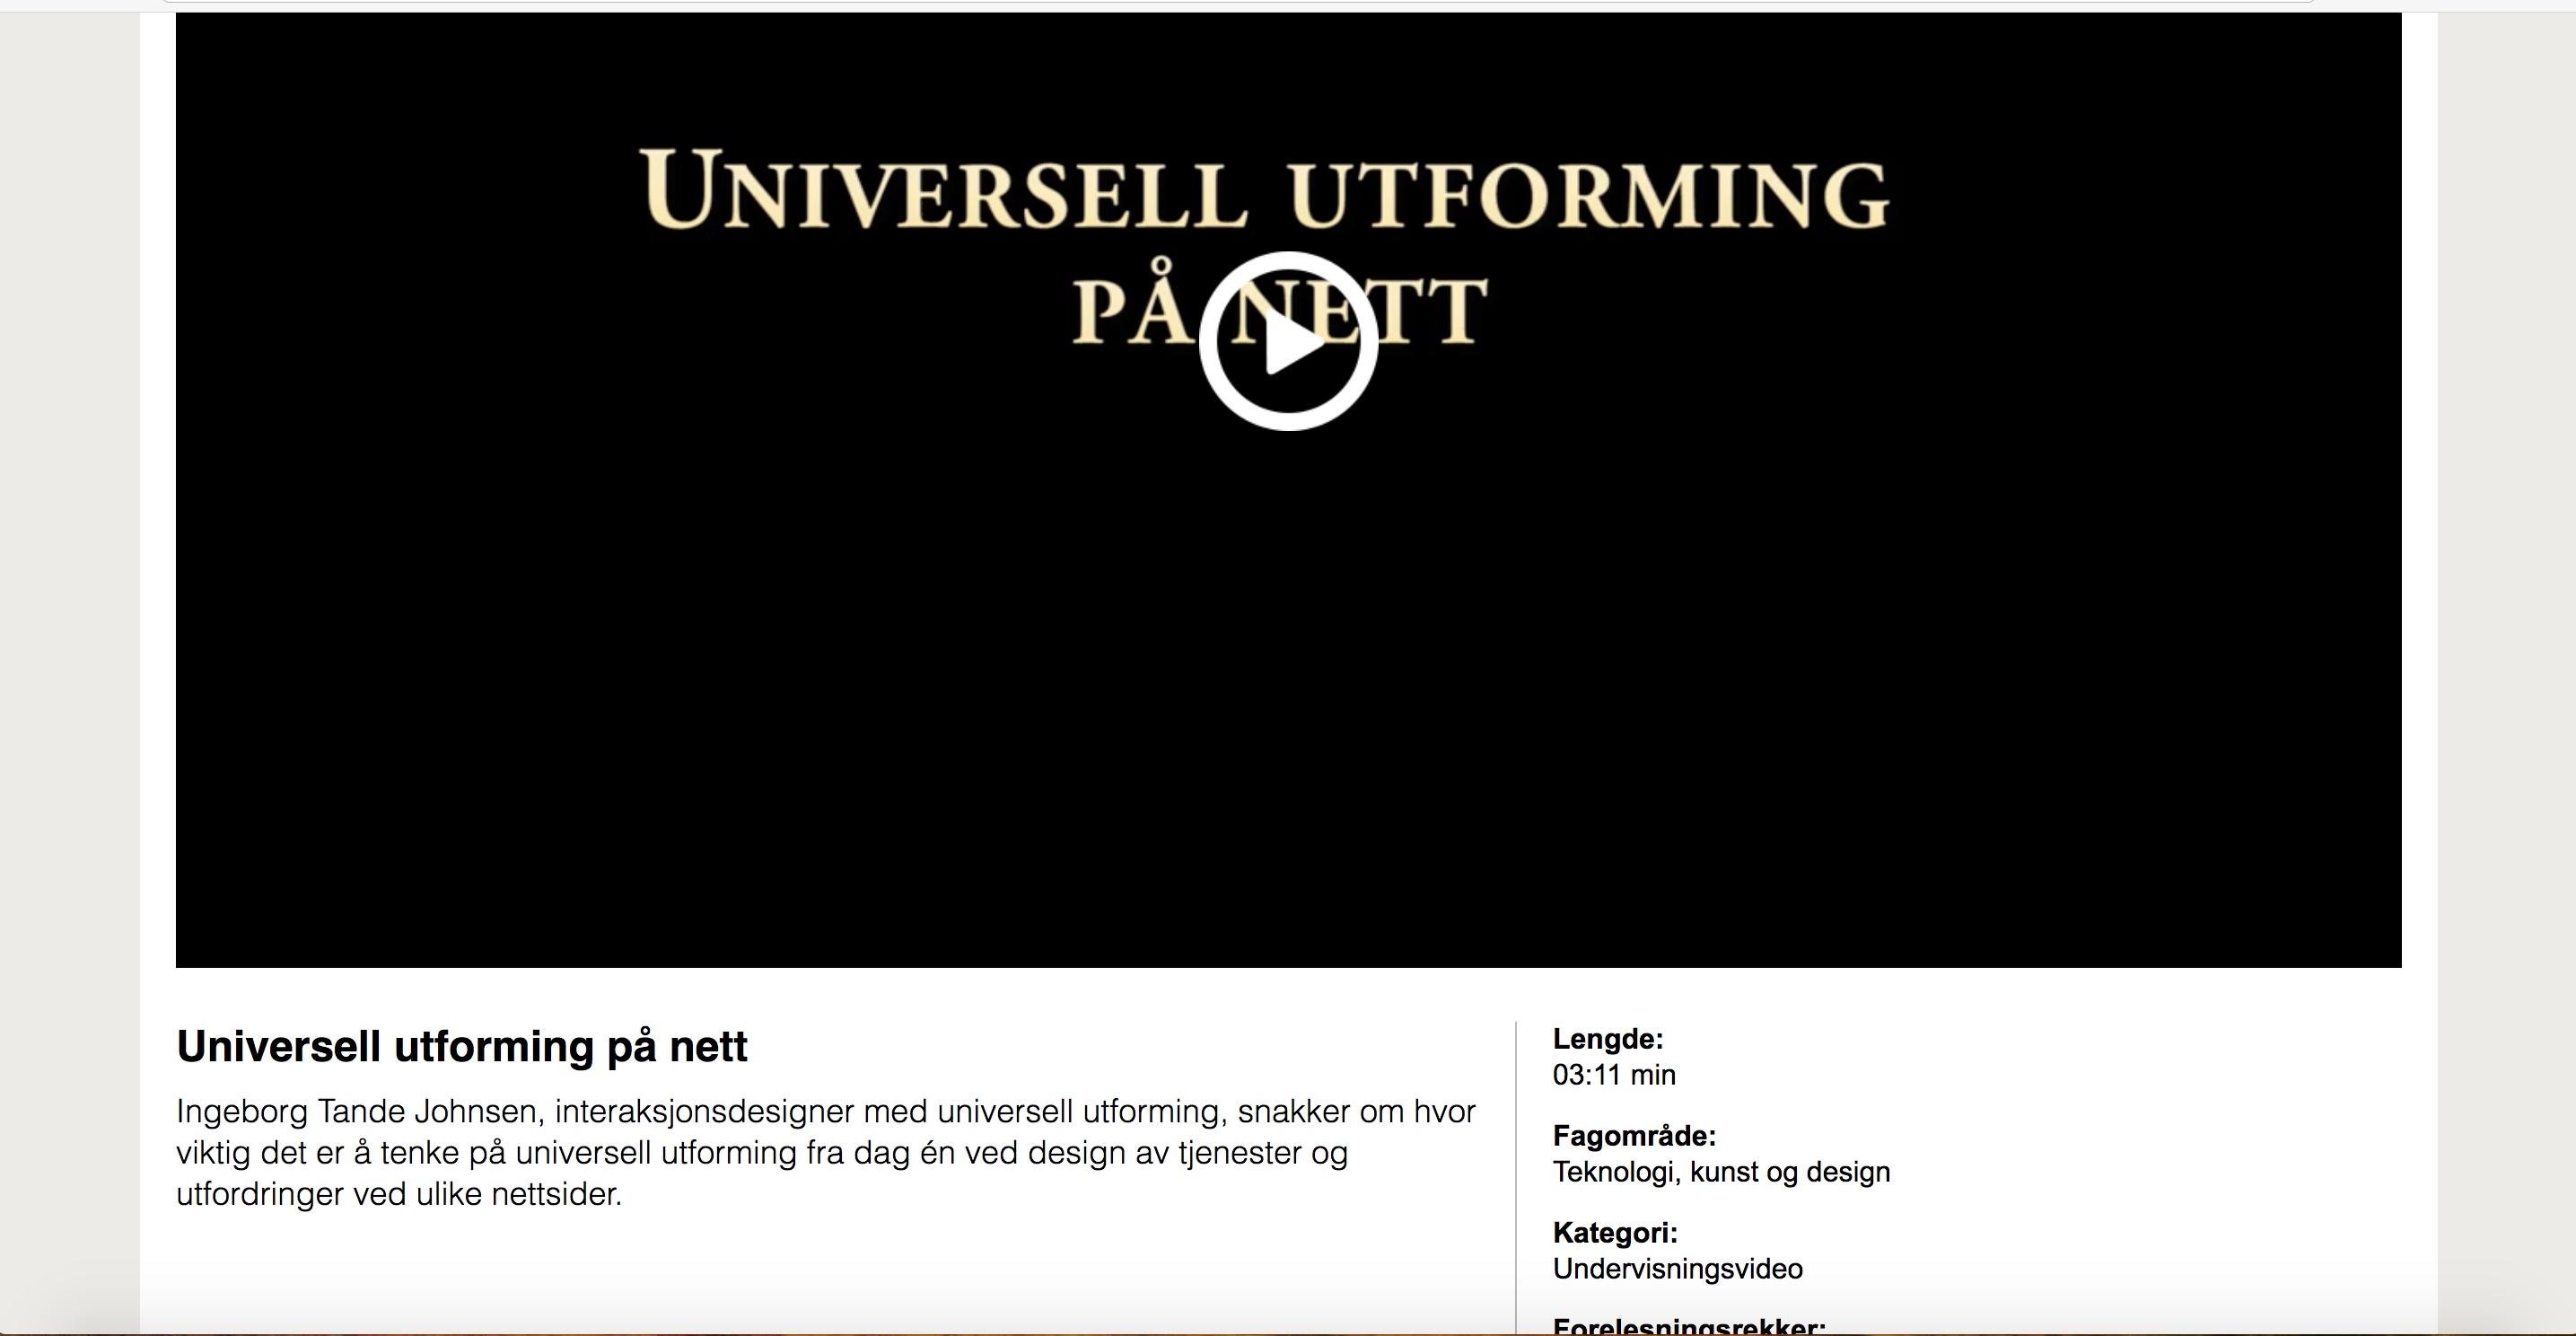 Forsidebilde - Universell utforming